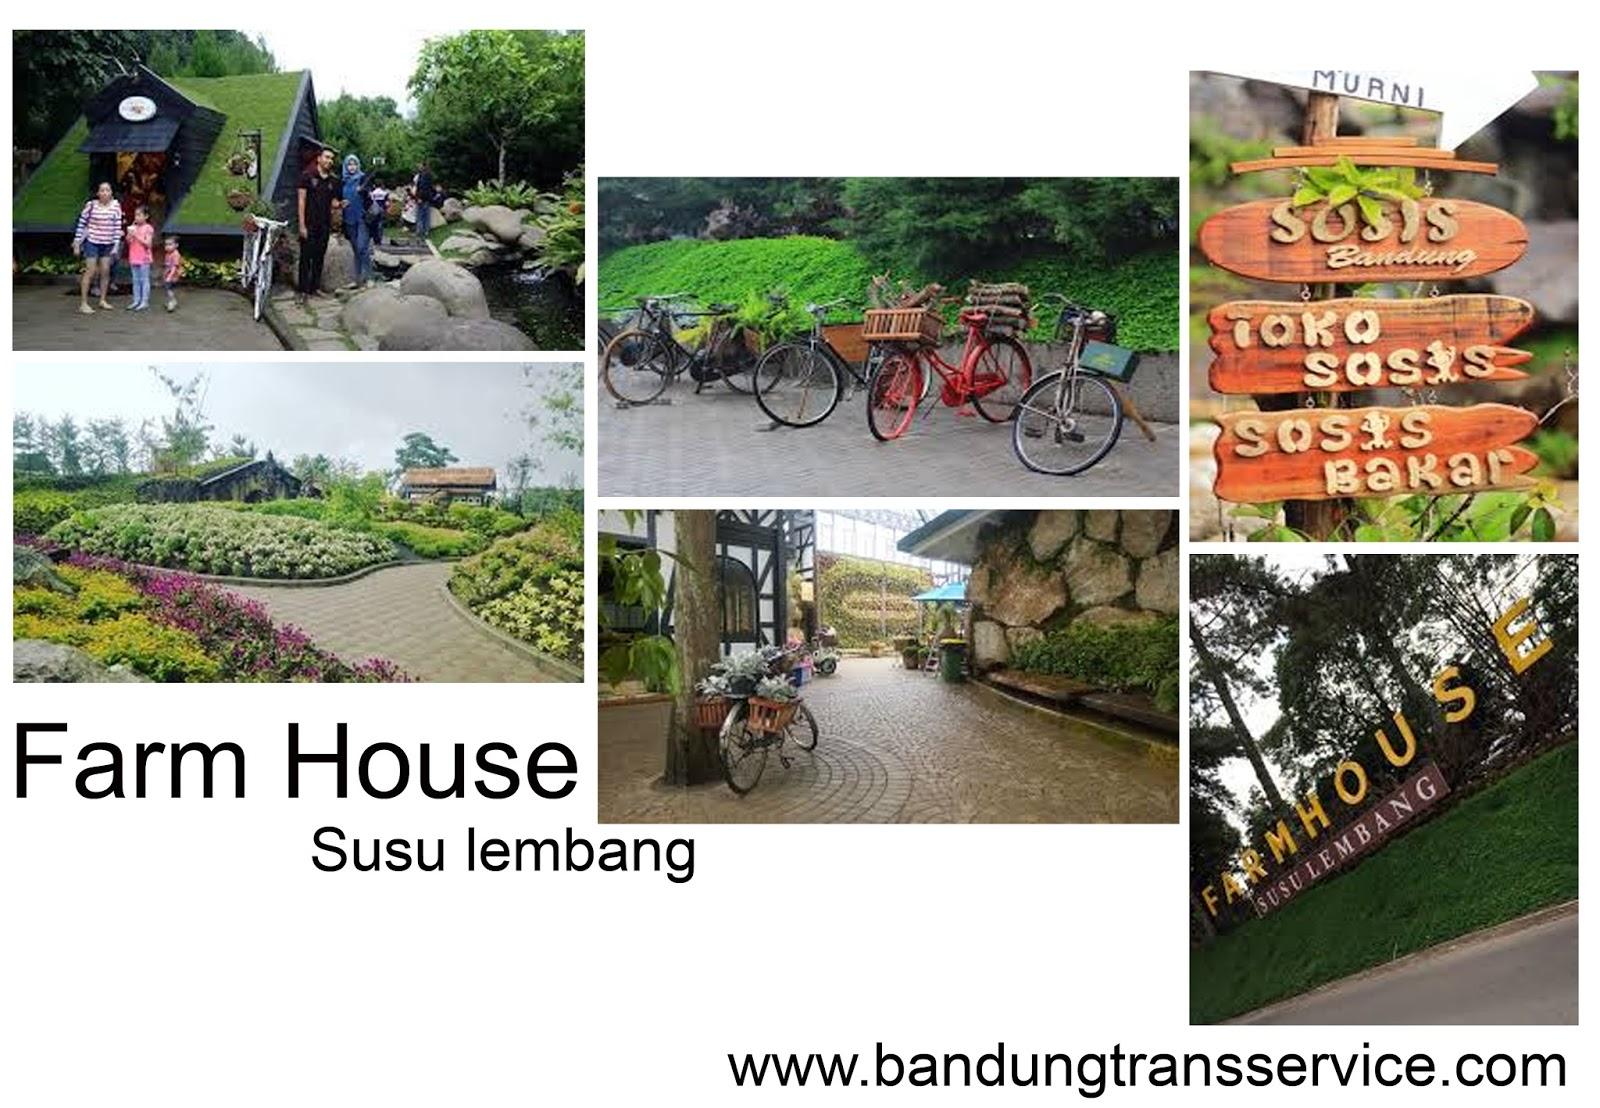 Farm House Susu Lembang Bandung Trans Service